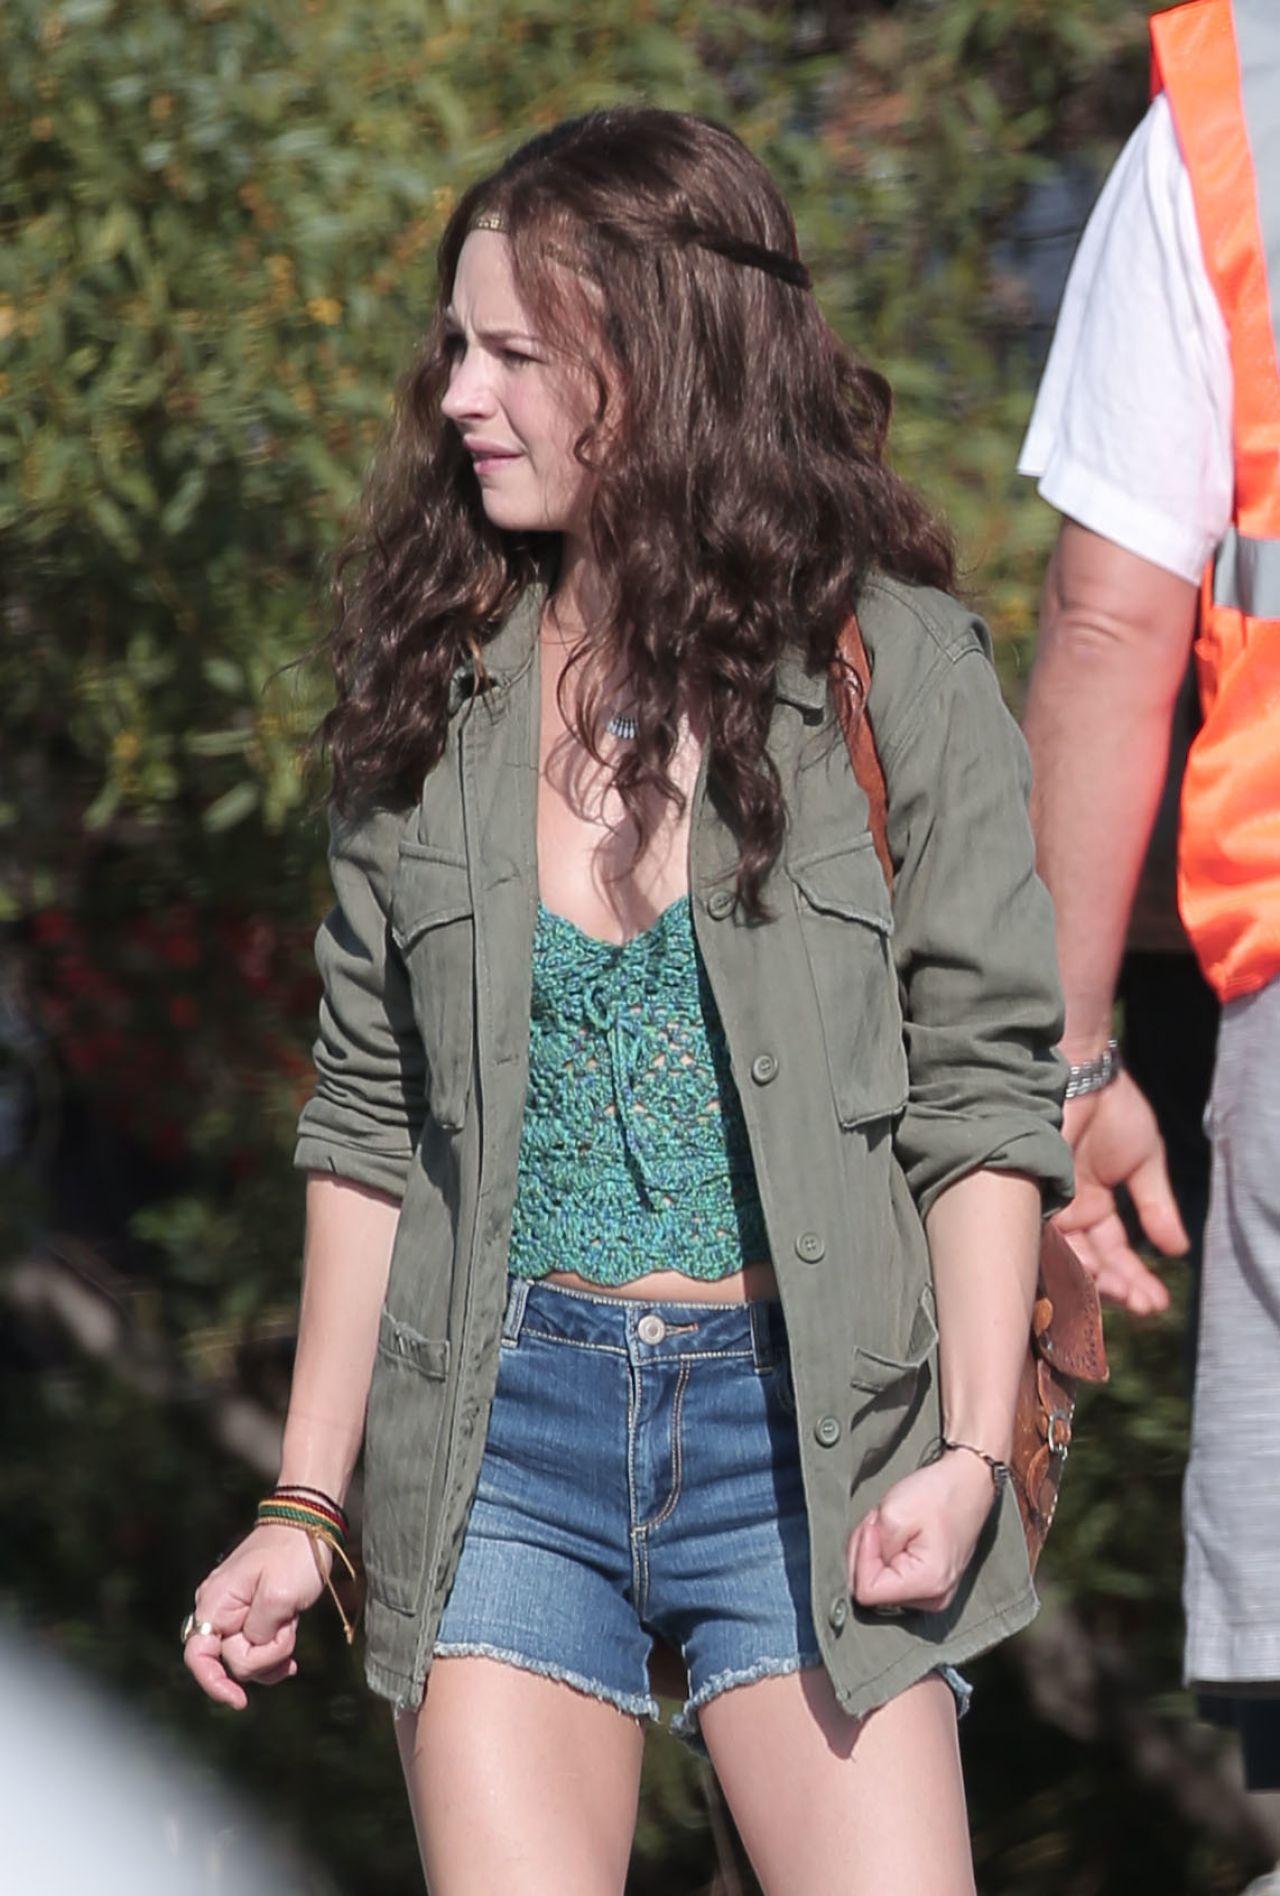 Girl Jeans Top Wallpaper Britt Robertson Girlboss Set In Beverly Hills 7 25 2016